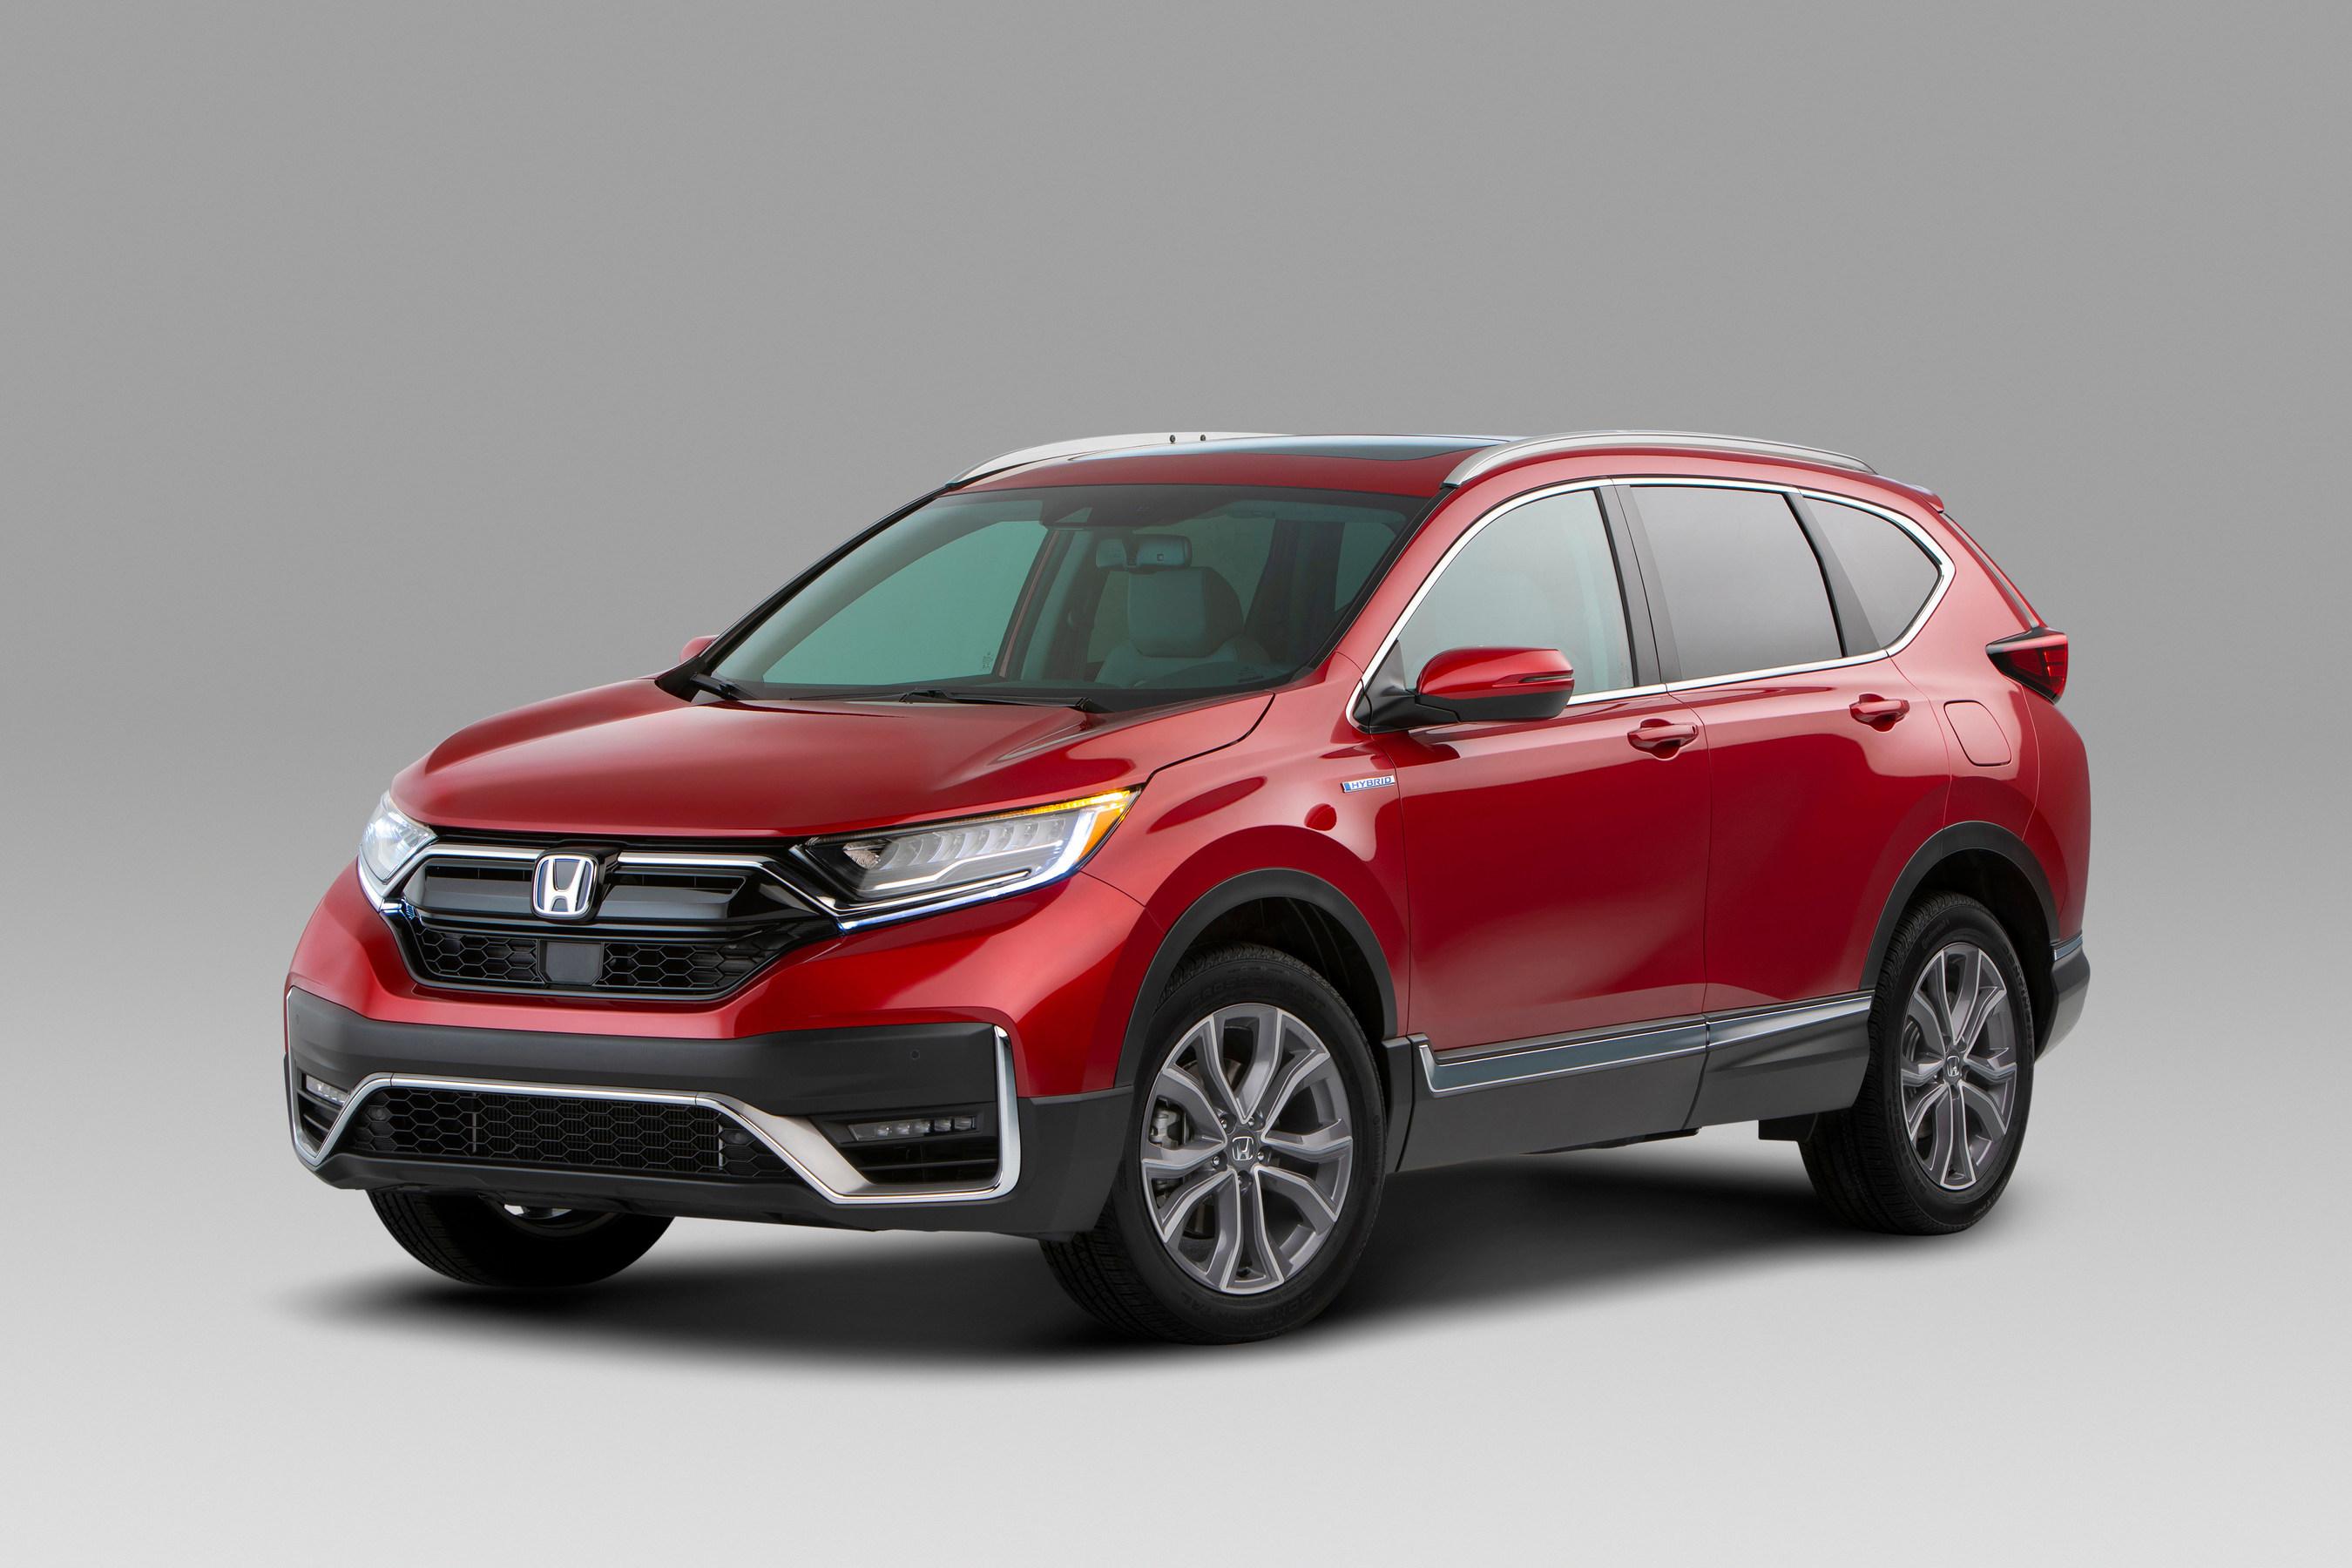 Kelebihan Kekurangan Honda 2020 Top Model Tahun Ini